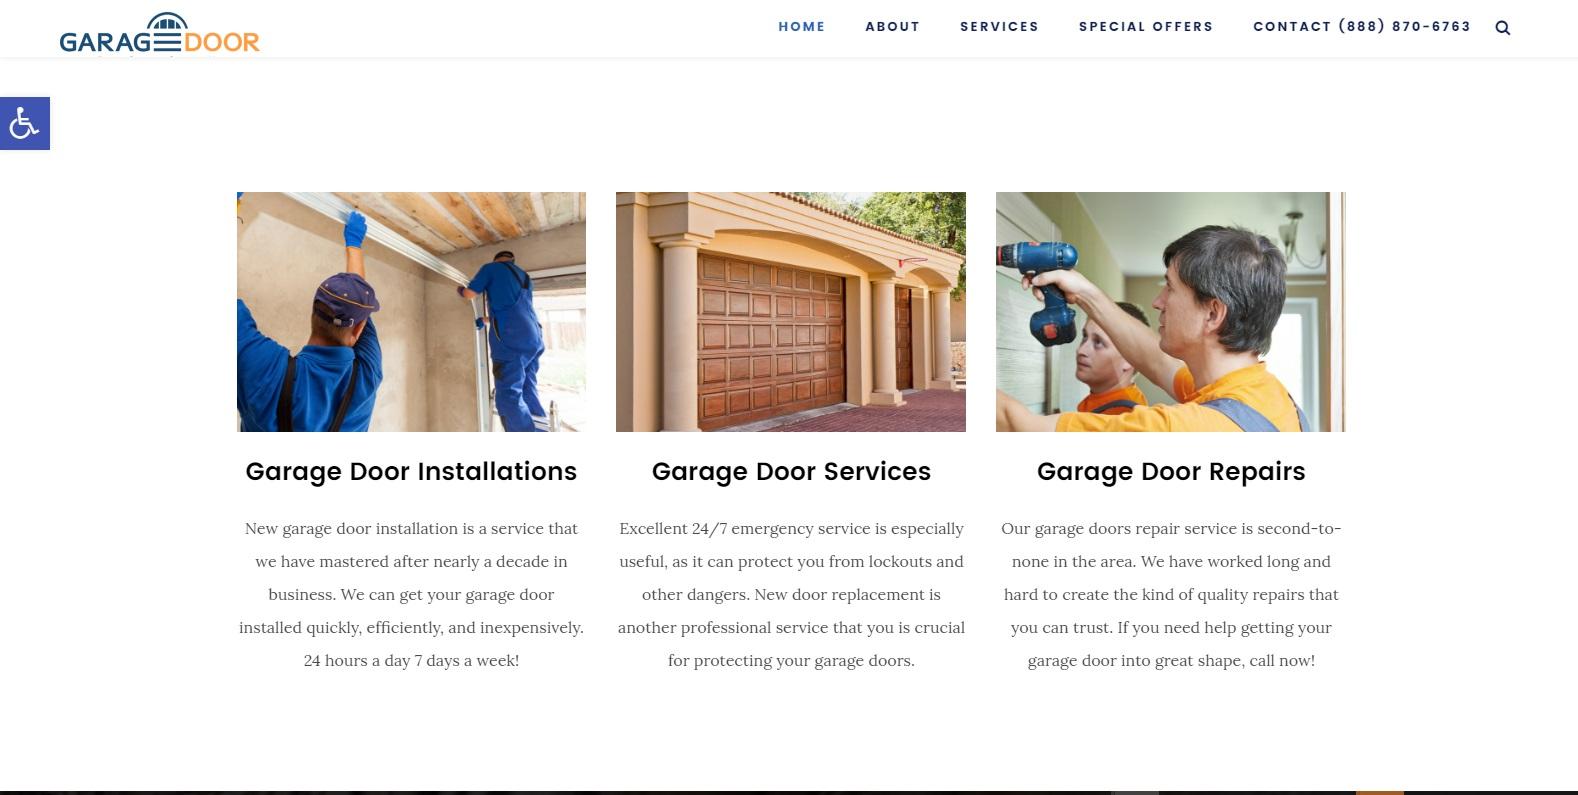 garagedoor24hrs.com